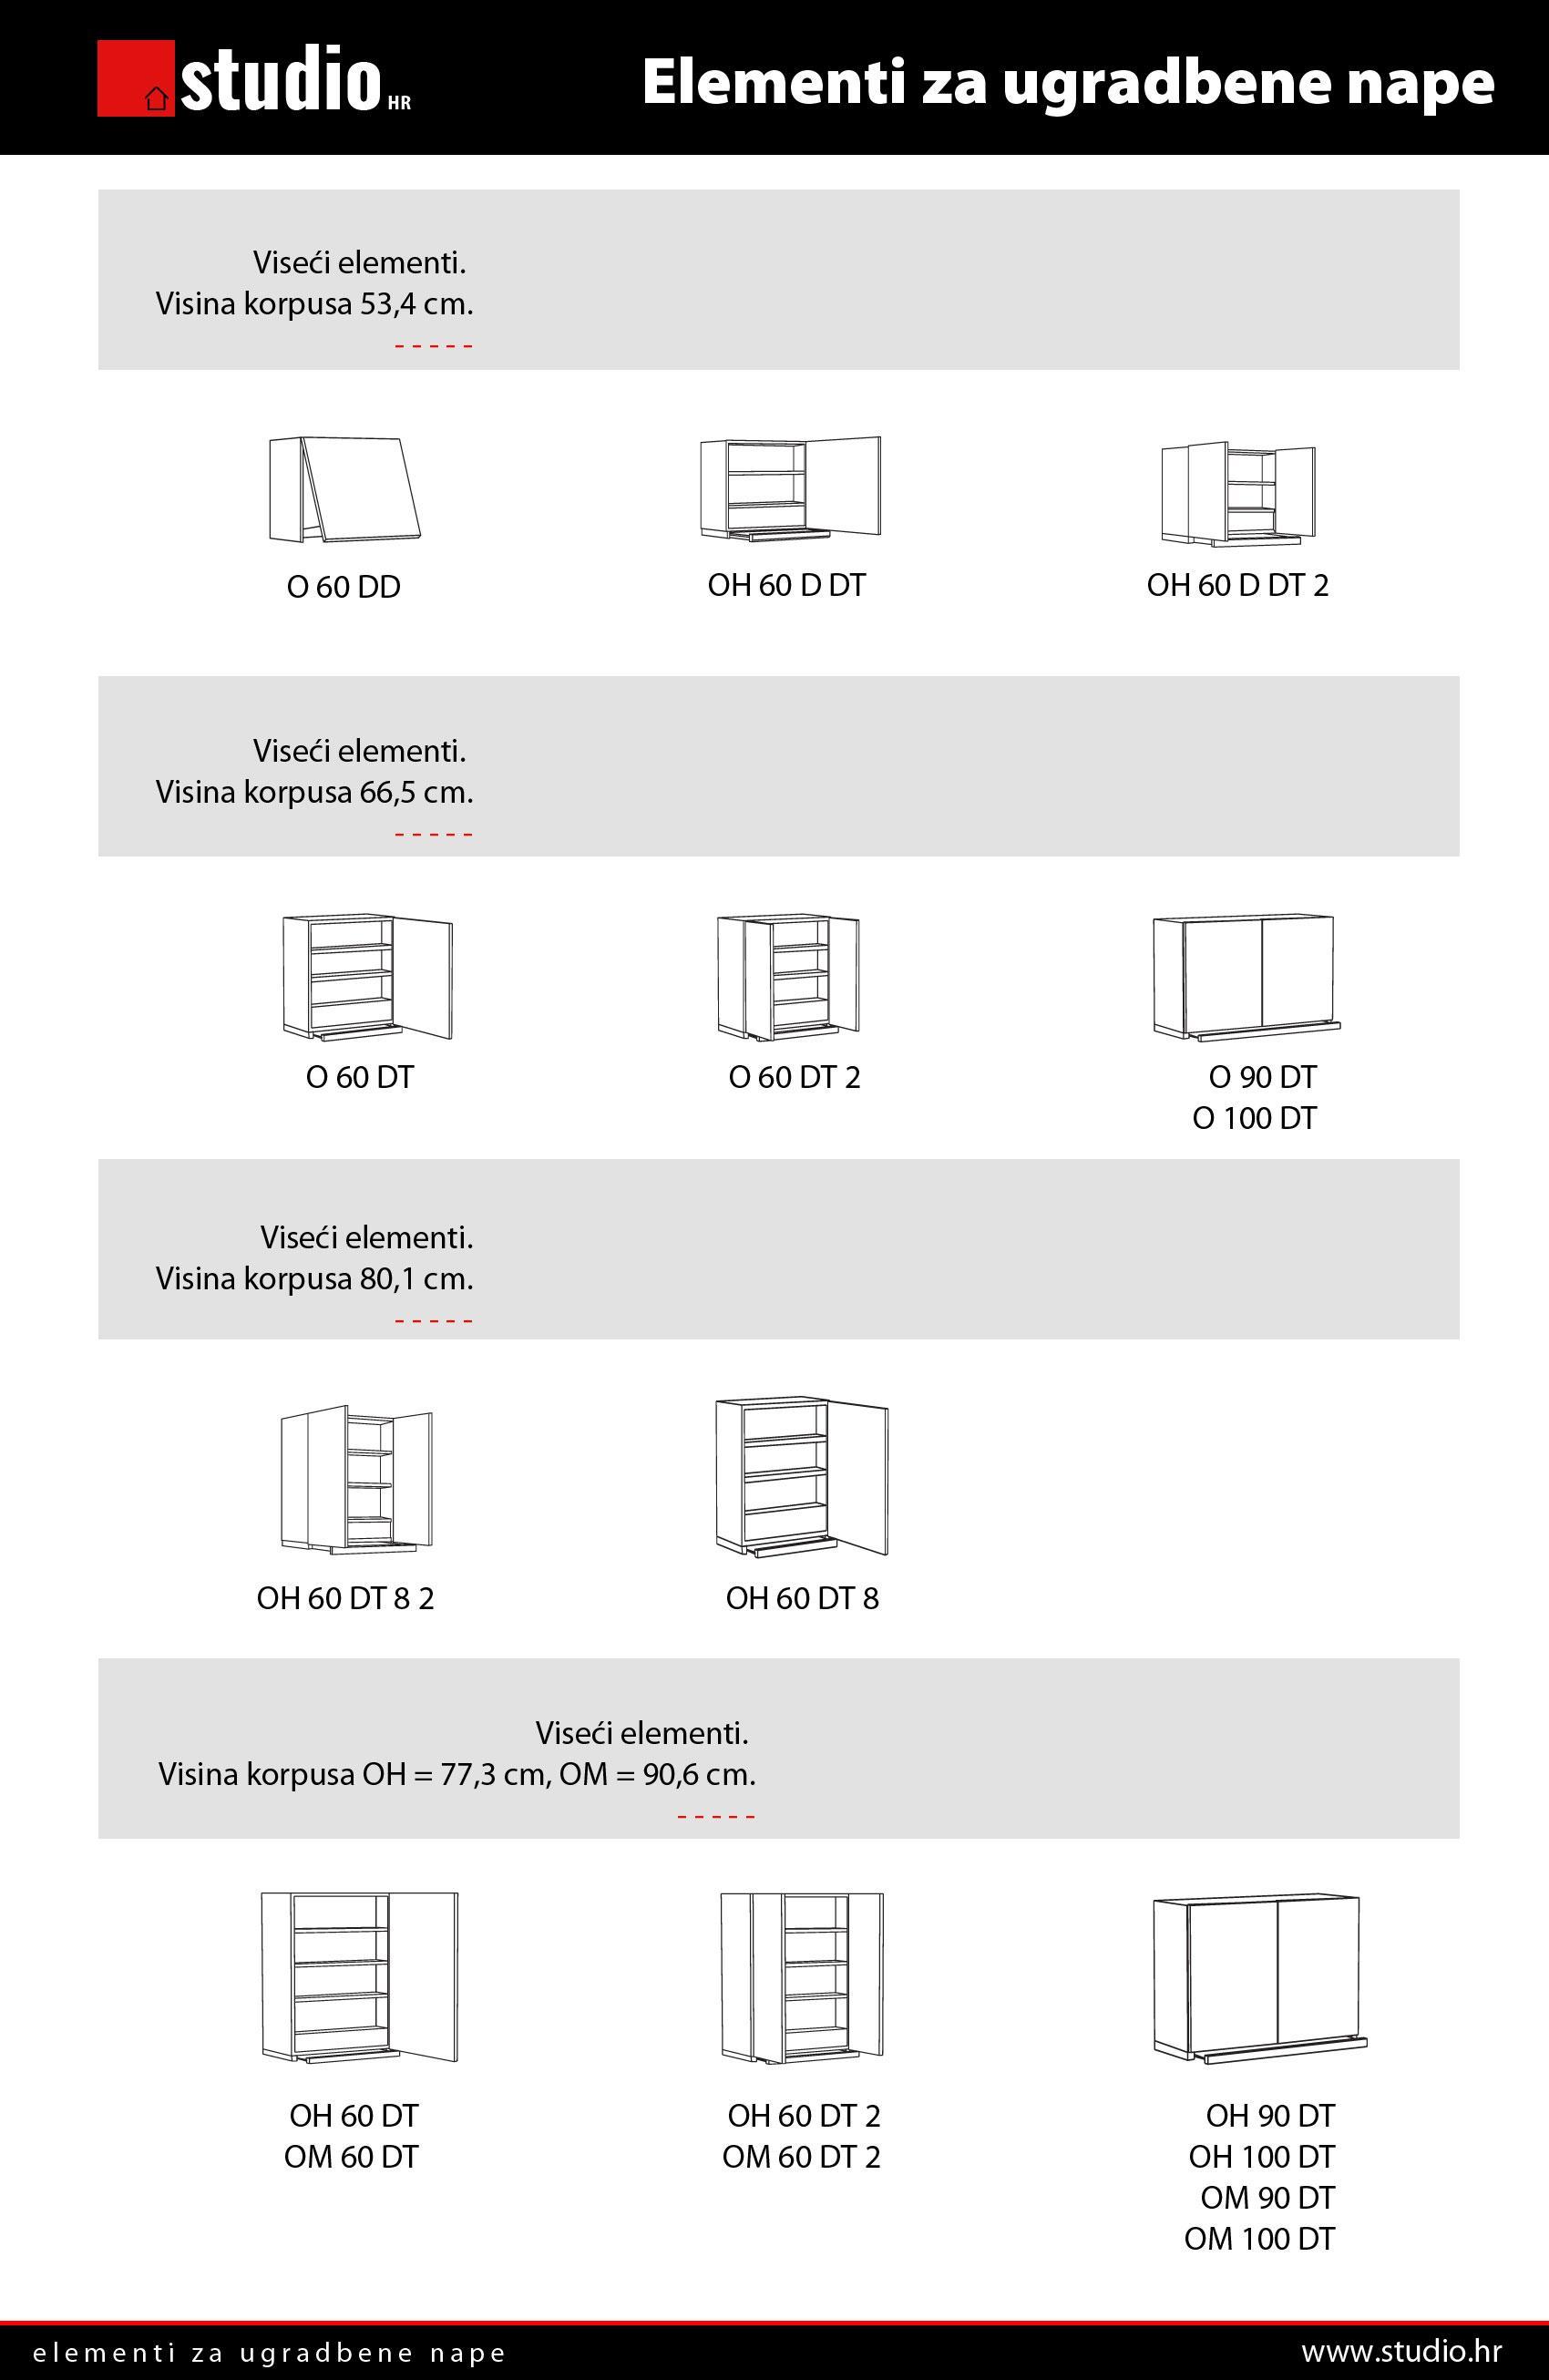 studio HR, DanKuchen, Akcija, Popis elemenata za ugradbene nape